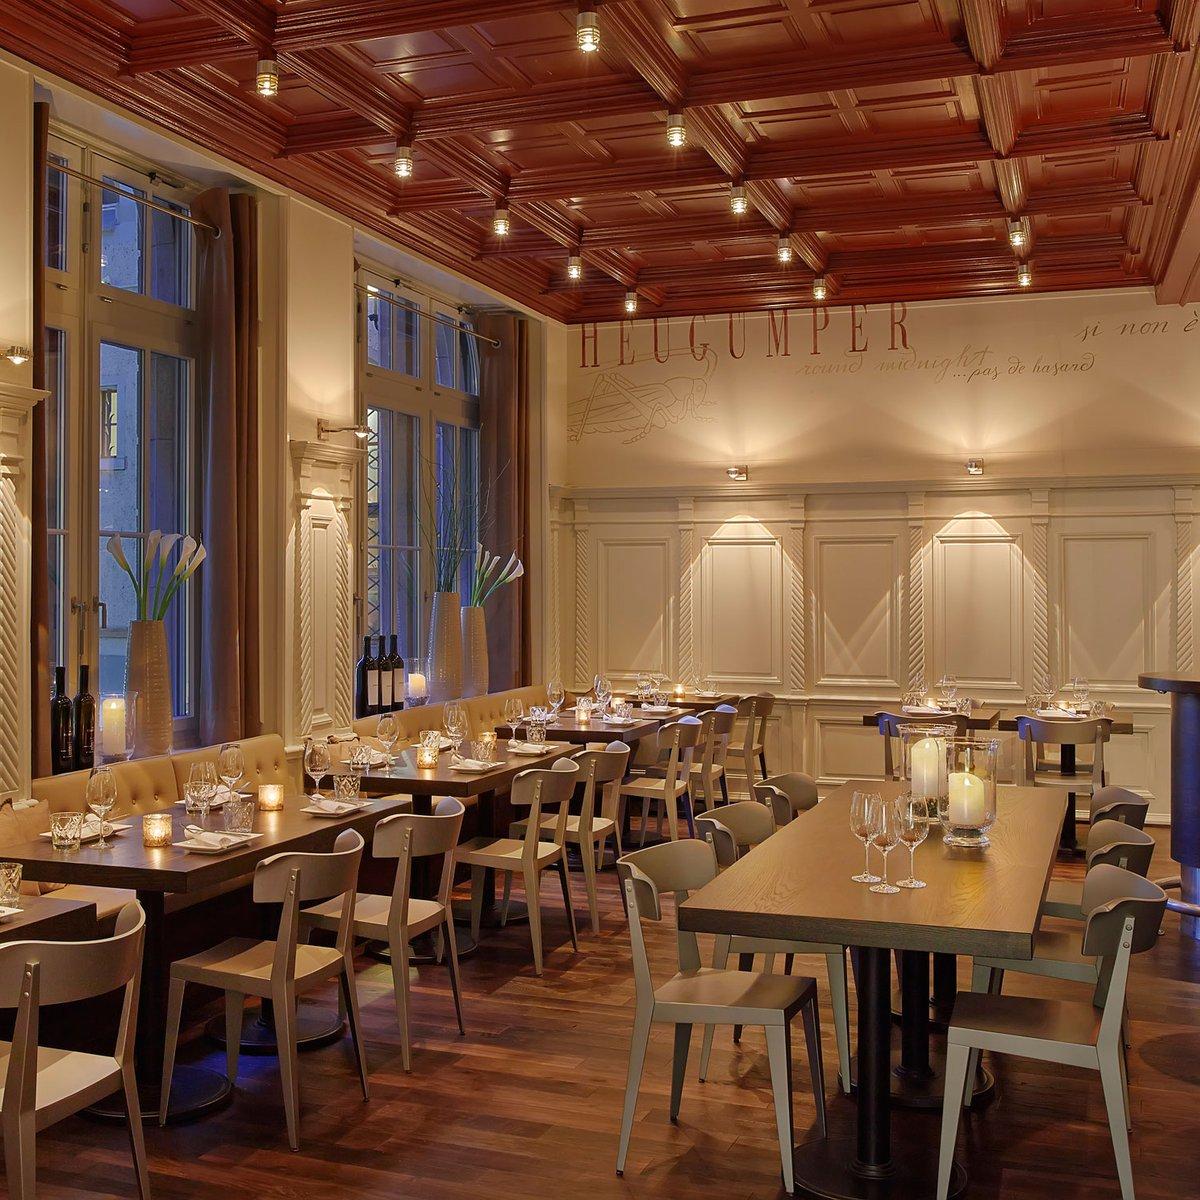 Heugümper Restaurant EG